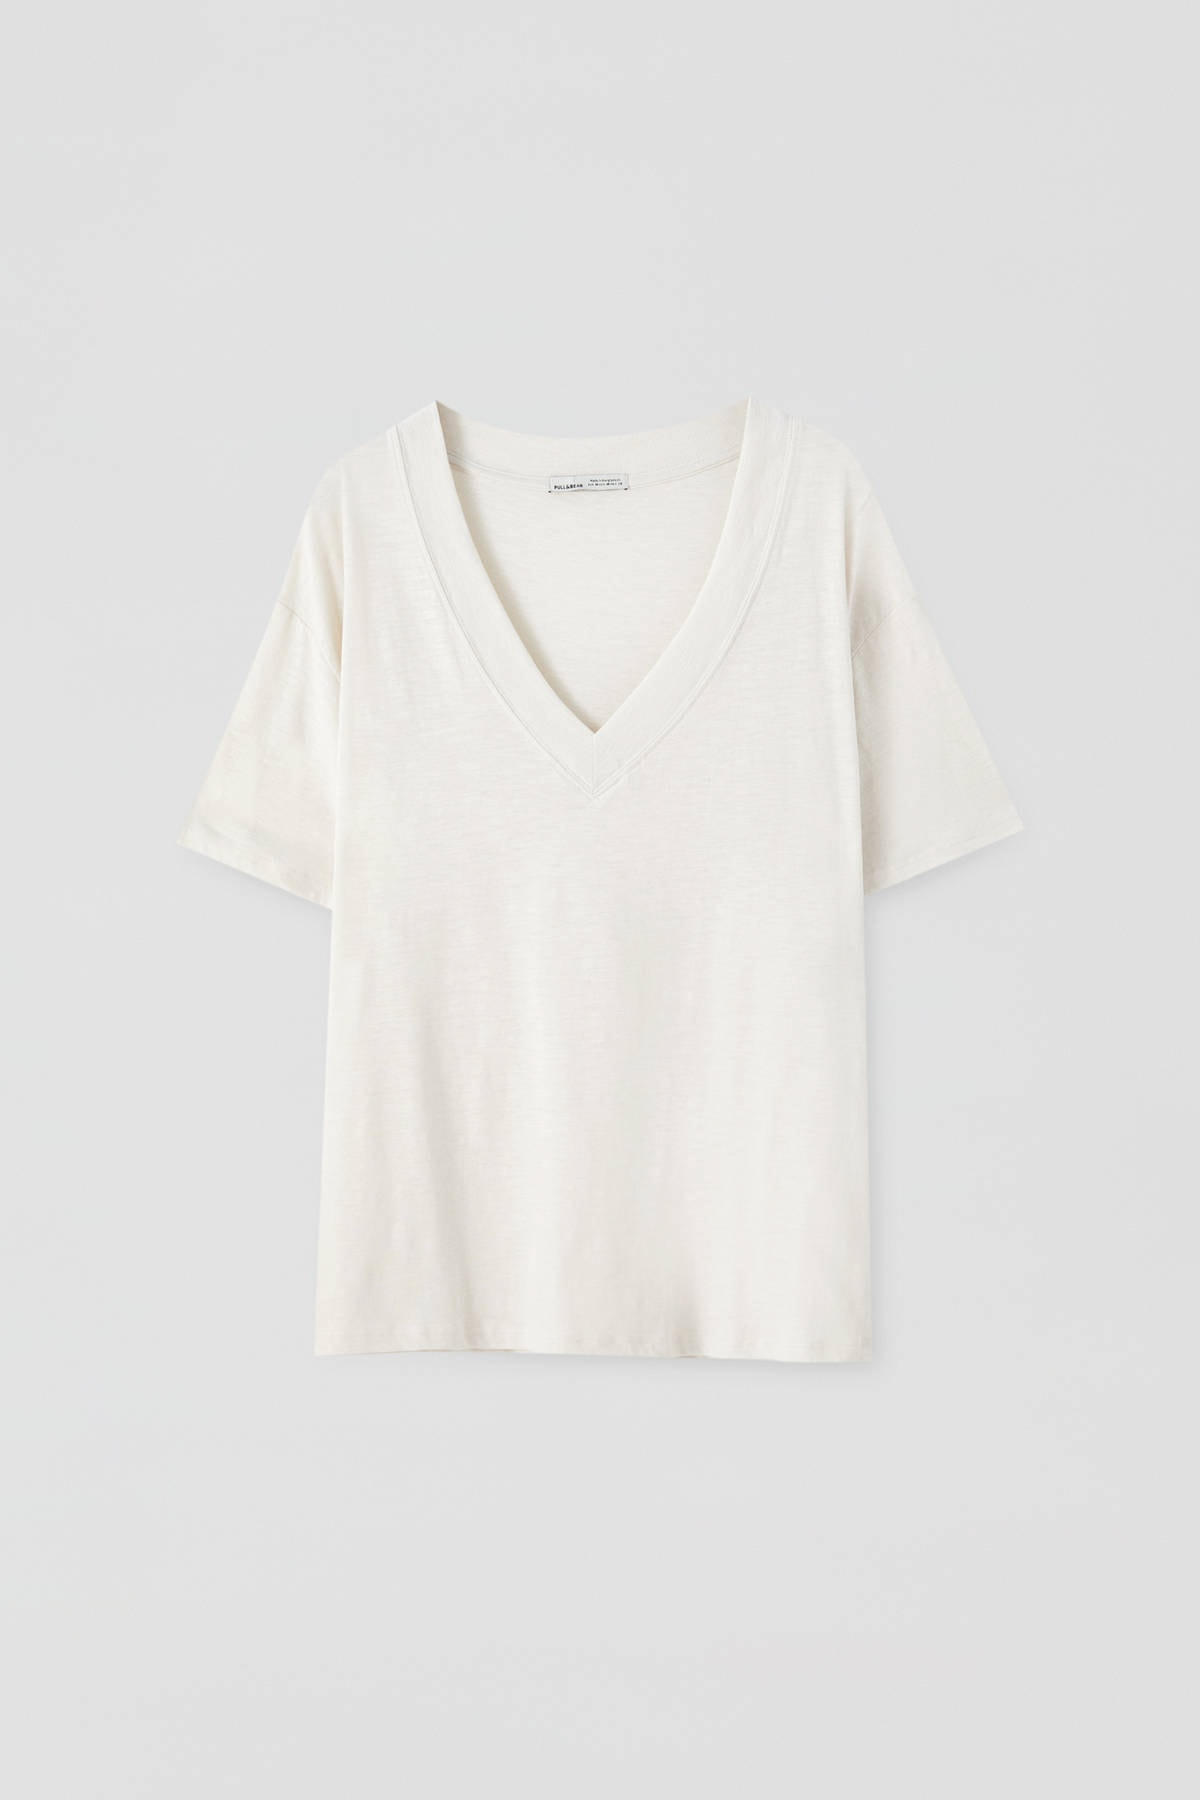 Pull & Bear Kadın Taş Rengi Basic Oversize Düğümlü Örgü T-Shirt 05236324 4